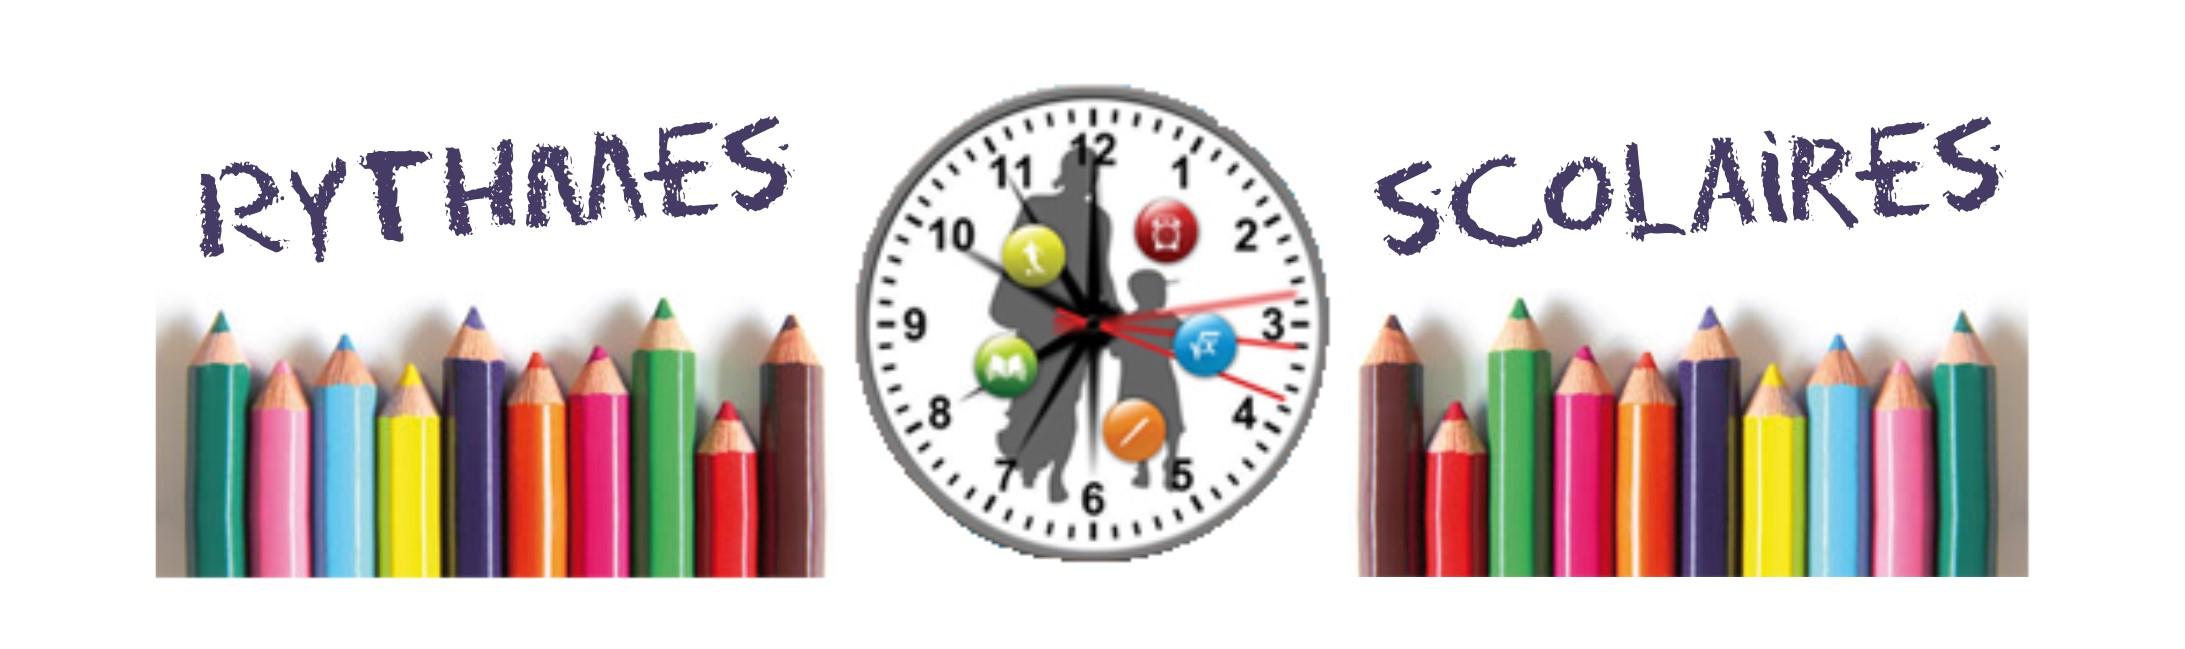 Rythmes scolaires – Inscription aux TAP (5ème période)